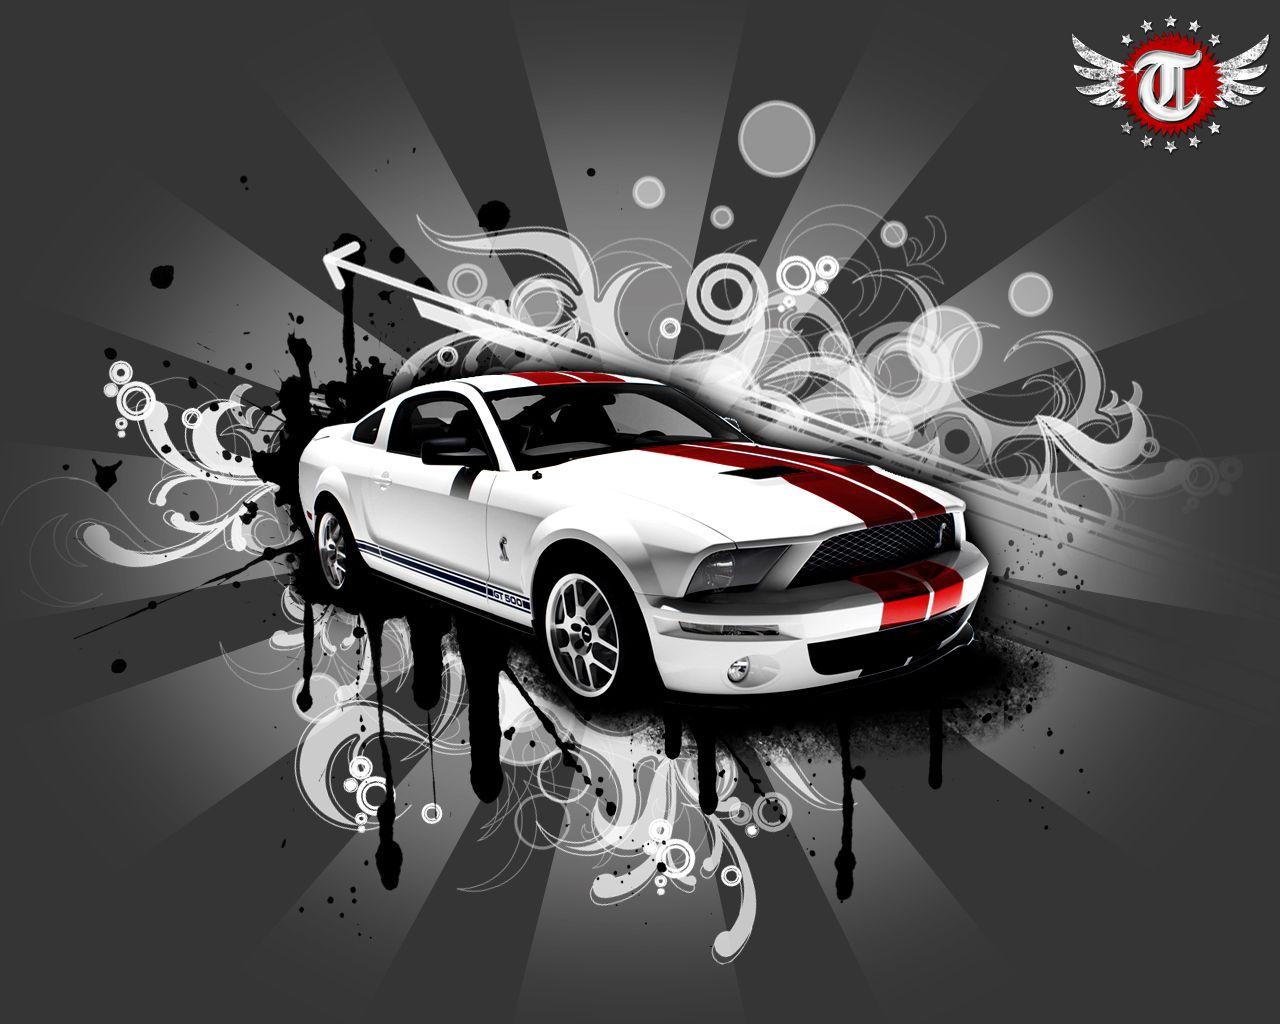 Preferência Wallpaper Celular Blog : wallpaper de carros para celular TR37